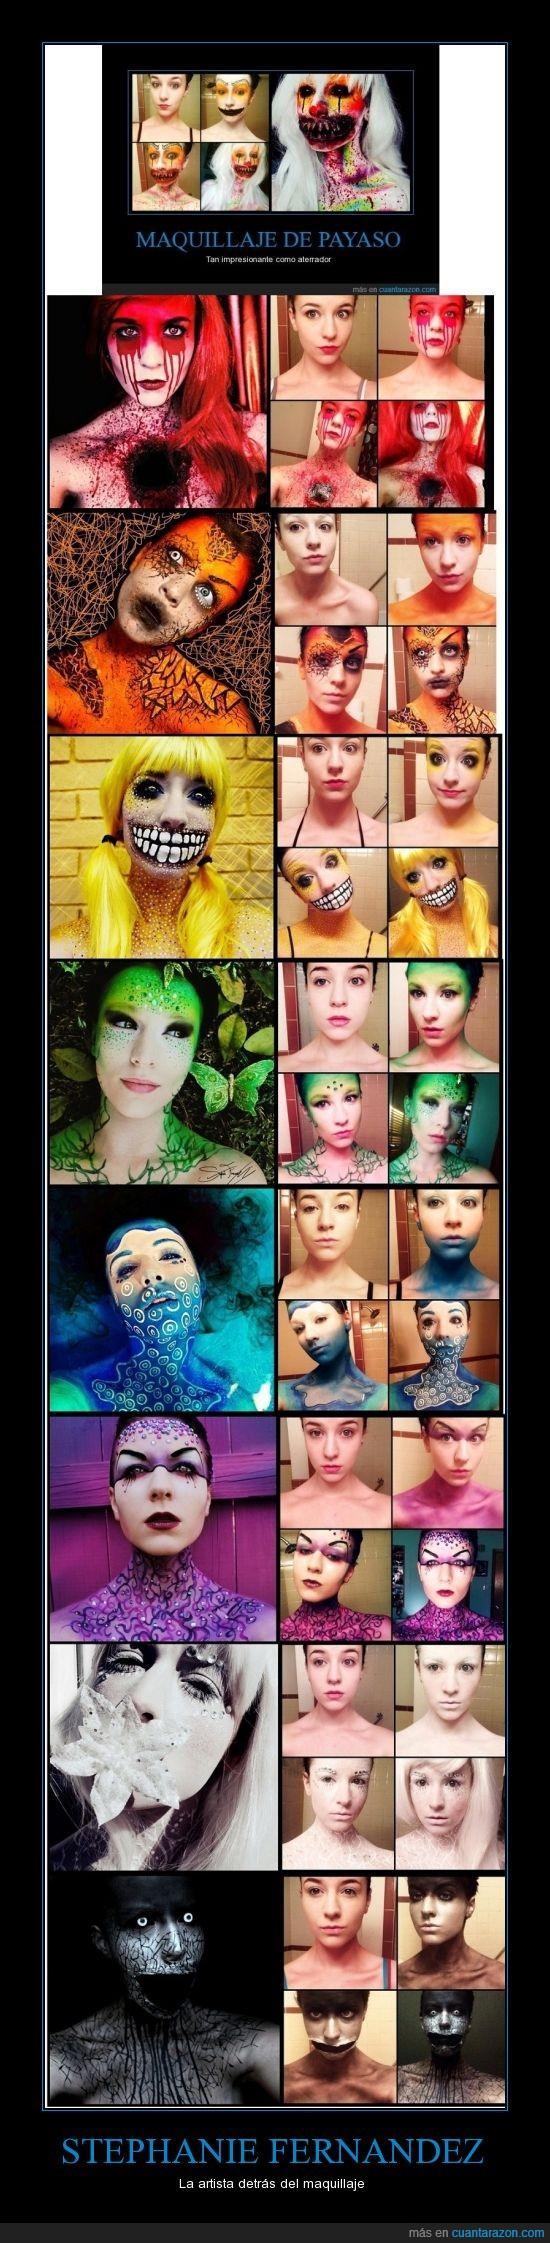 color,efectos especiales,fx,impresionante,maquillaje,talento